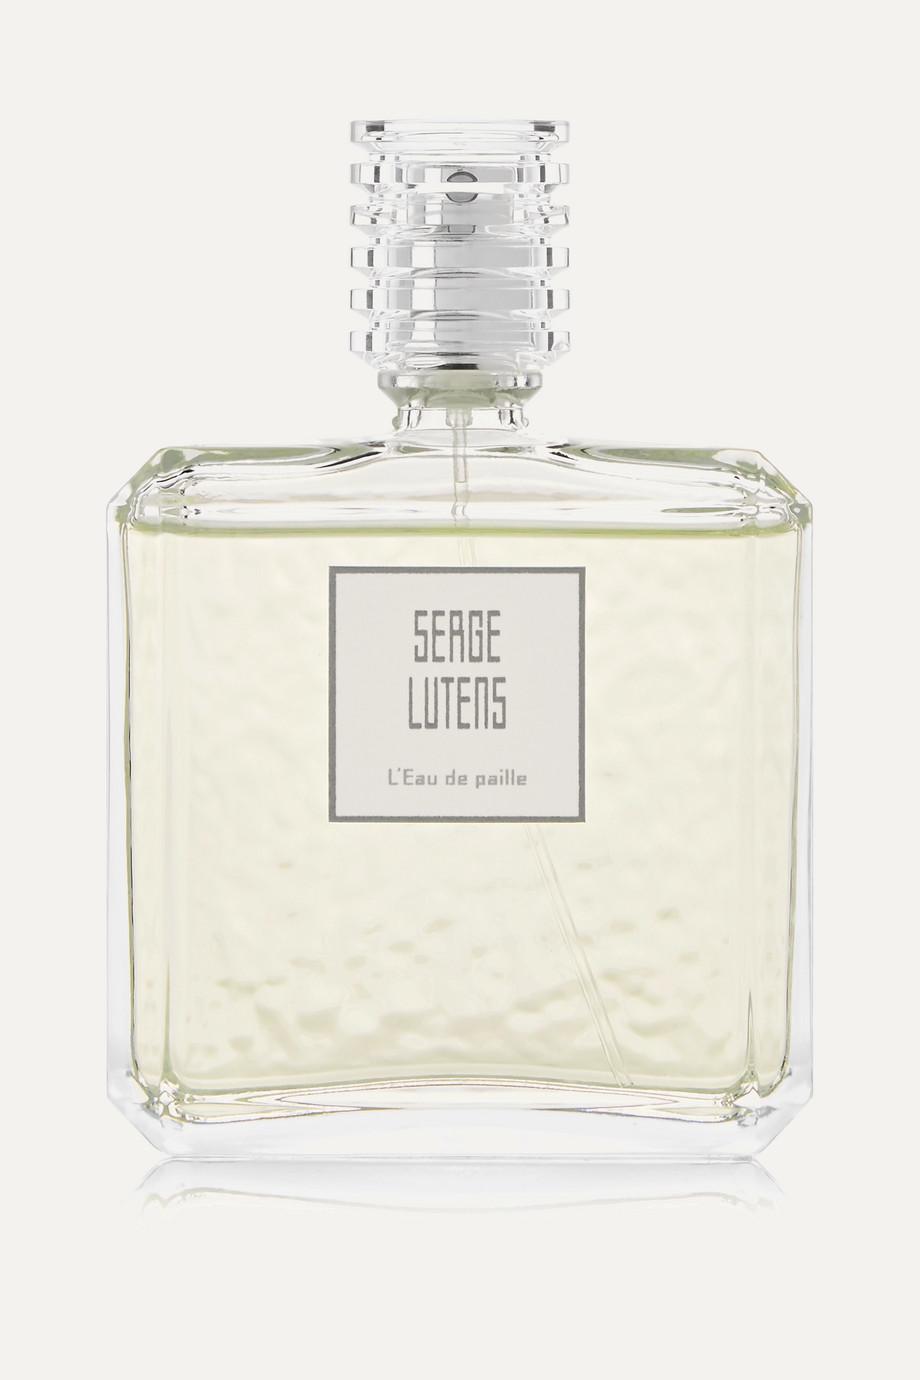 Serge Lutens L'Eau De Paille, 100 ml – Eau de Parfum